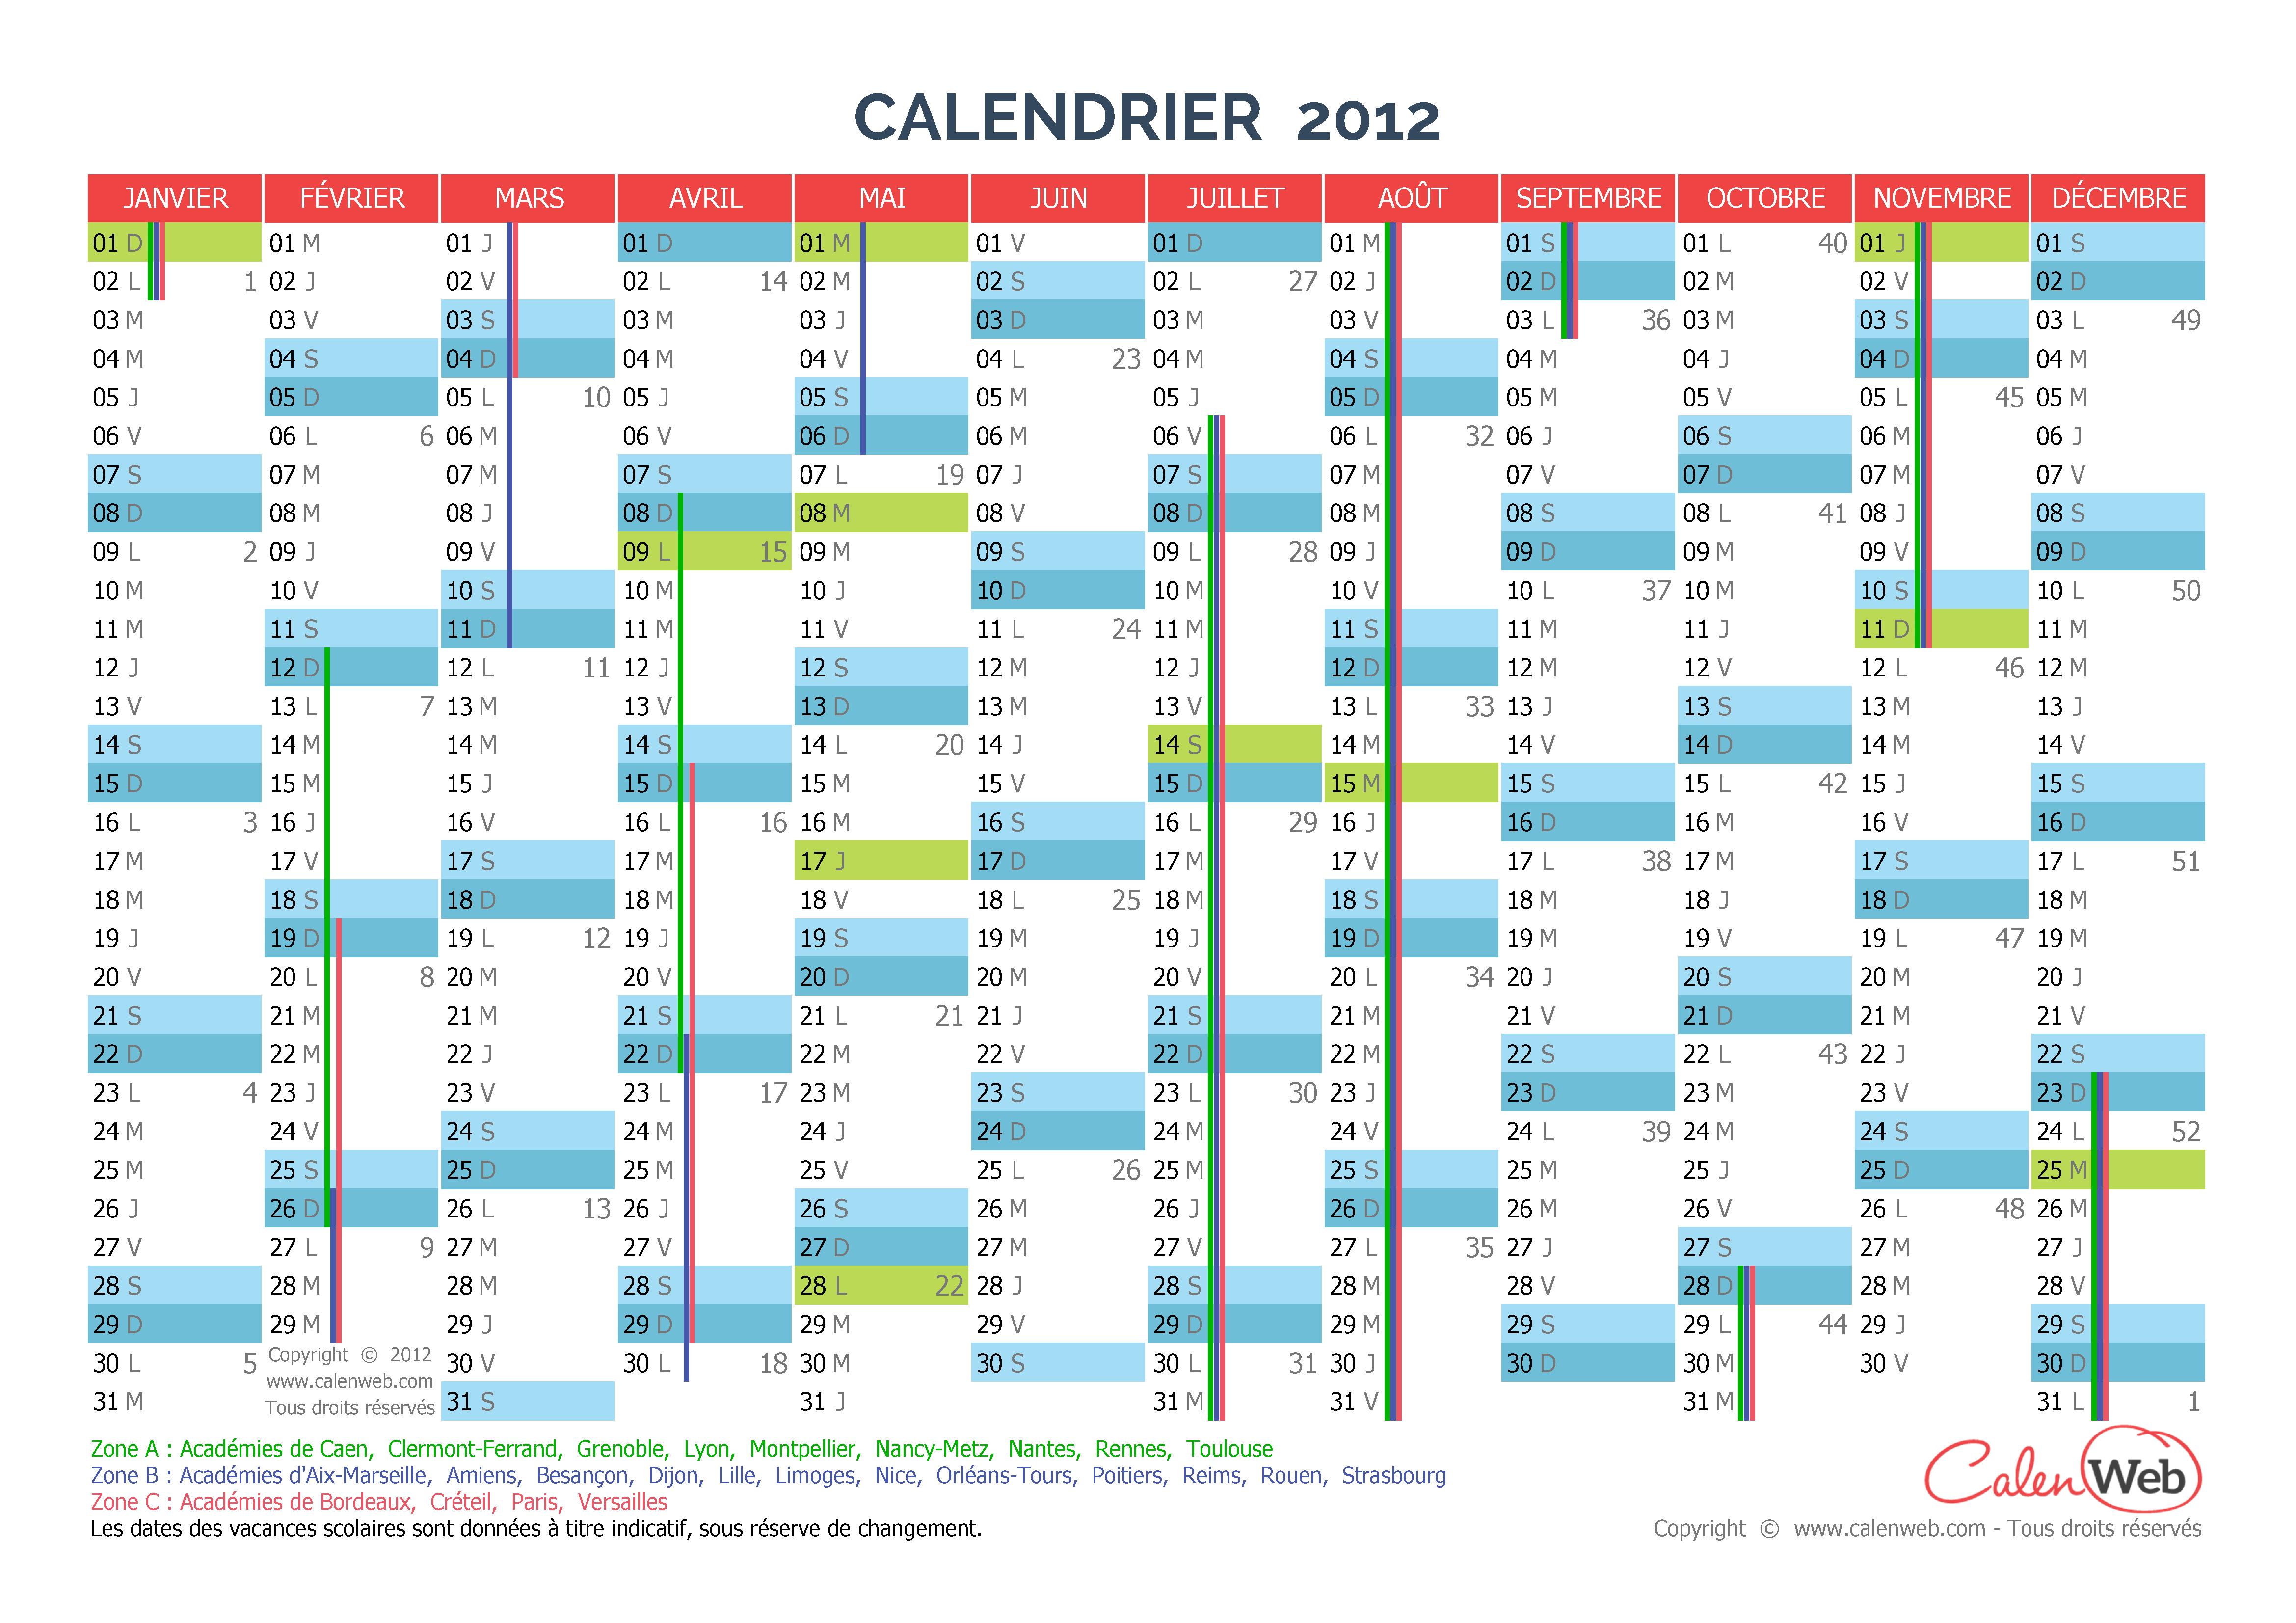 calendrier annuel ann e 2012 avec jours f ri s et vacances scolaires. Black Bedroom Furniture Sets. Home Design Ideas